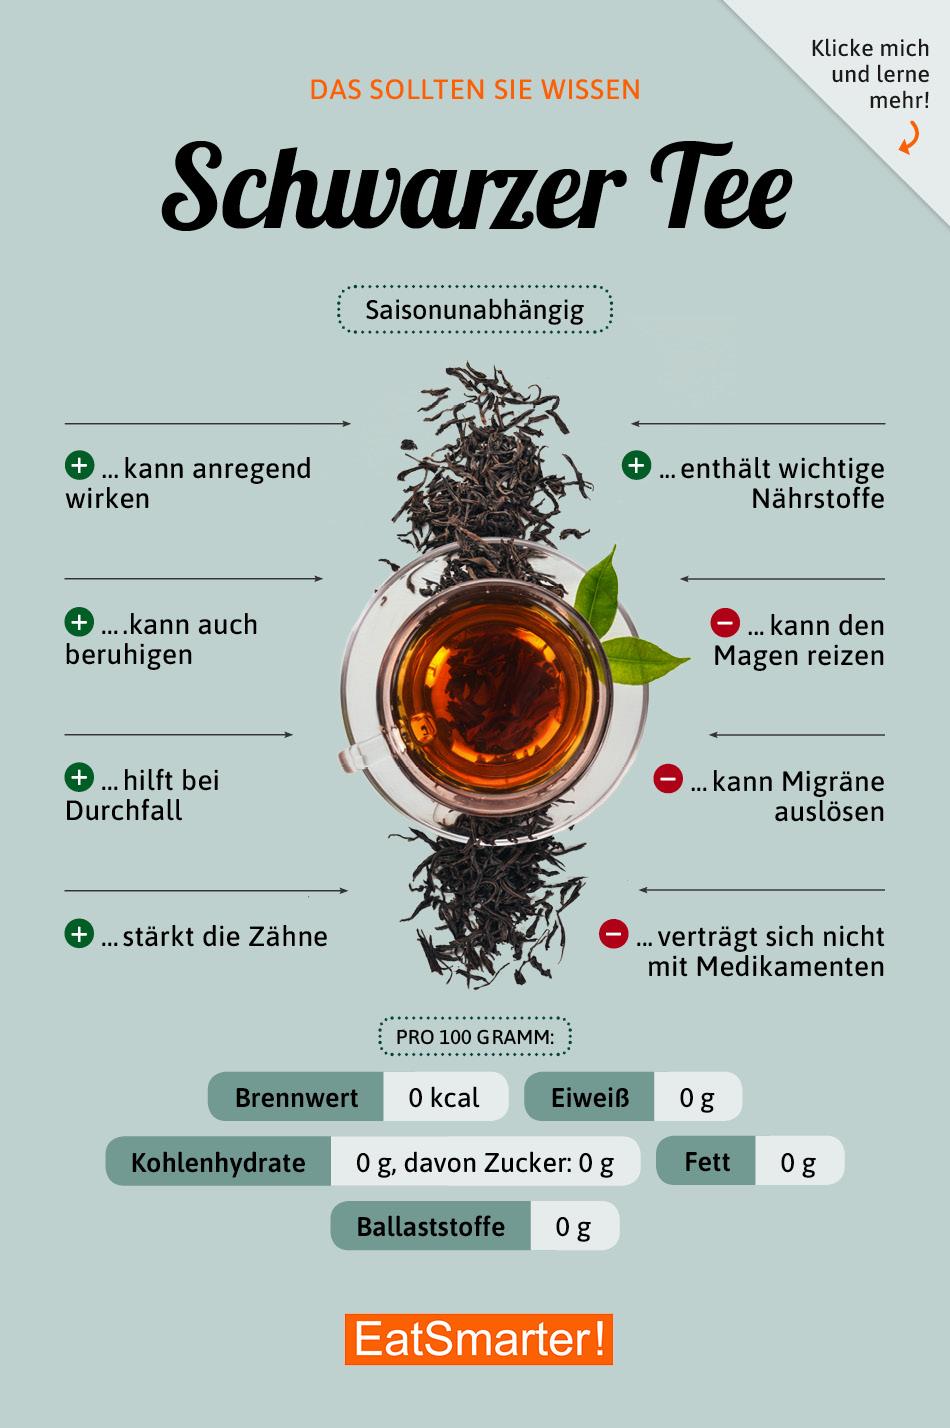 Schwarzer Tee Eat Smarter